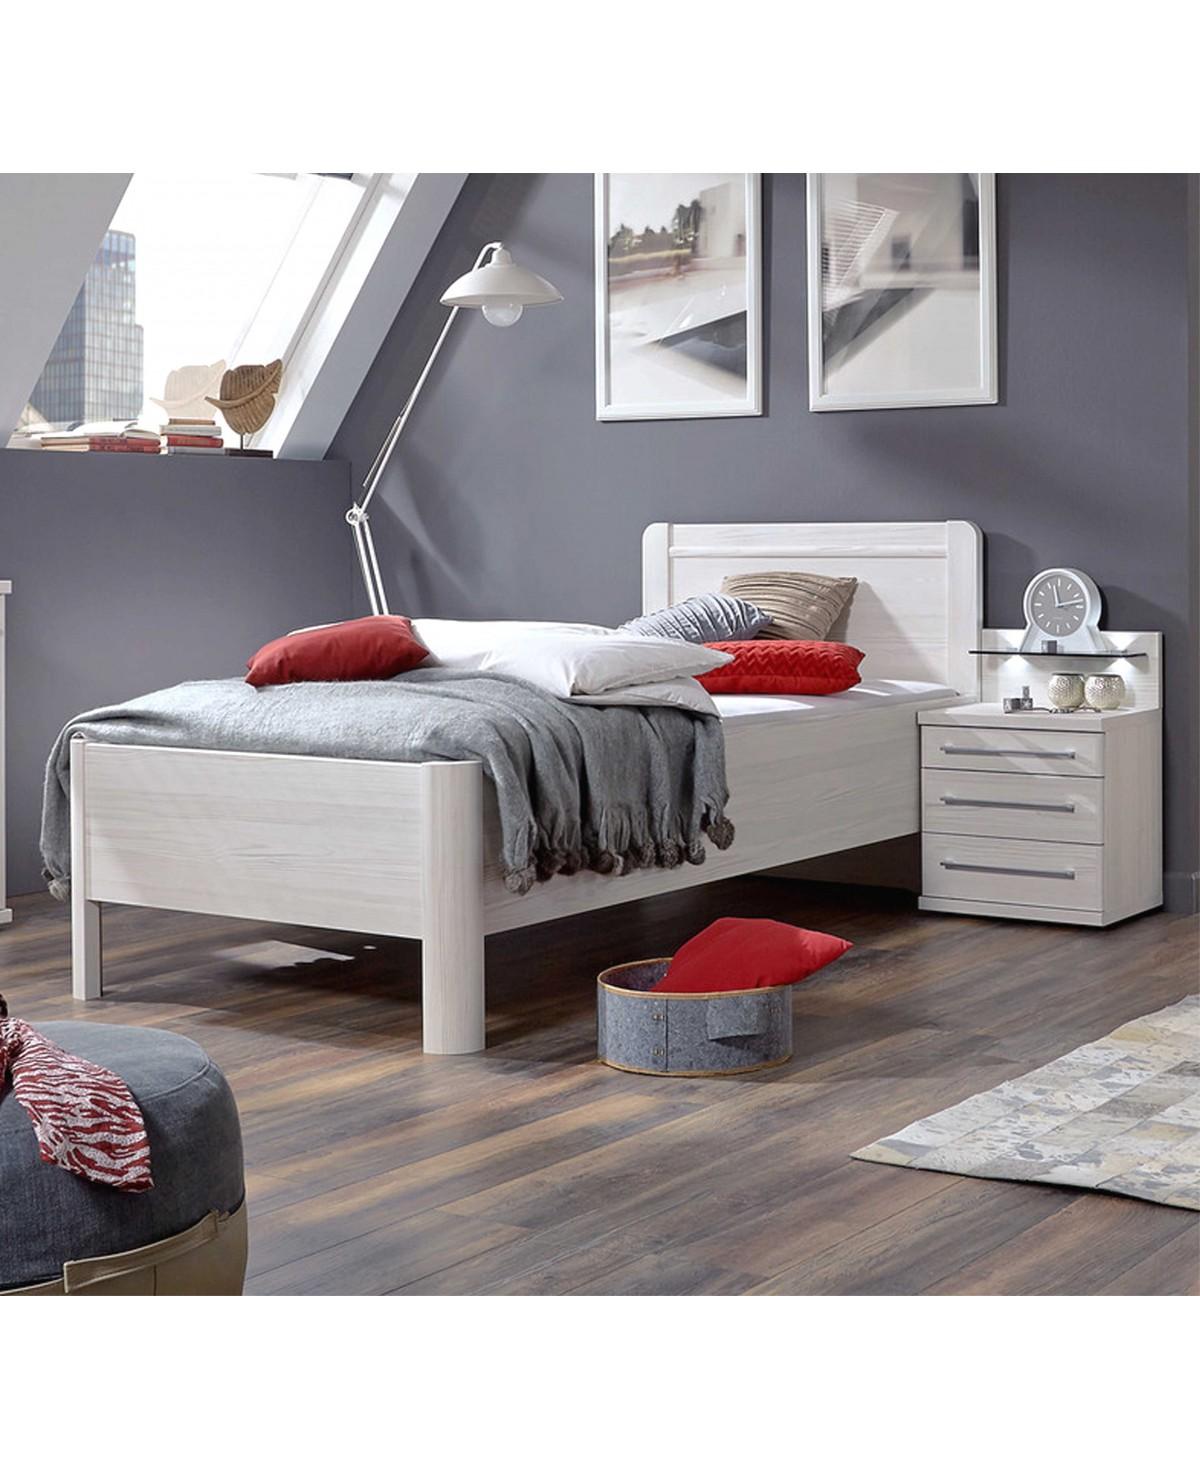 Full Size of Metallbett 100x200 Wiemann Komfortbett Seniorenbett Nachtschrank Led Mainau Bett Weiß Betten Wohnzimmer Metallbett 100x200